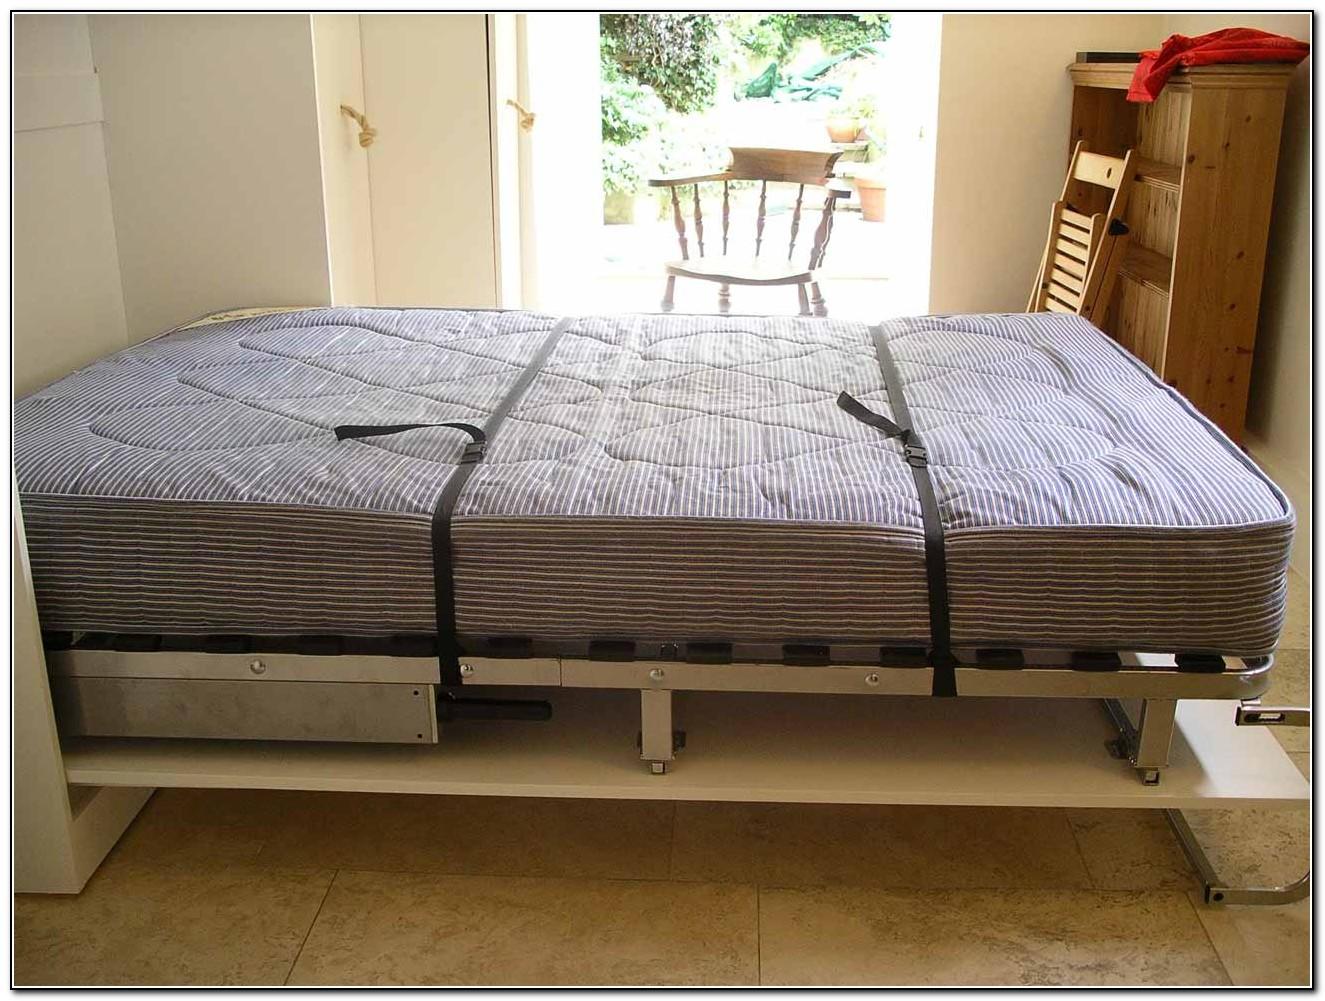 Fold Away Bed Uk - Beds : Home Design Ideas #qbn1V8kD4m6310